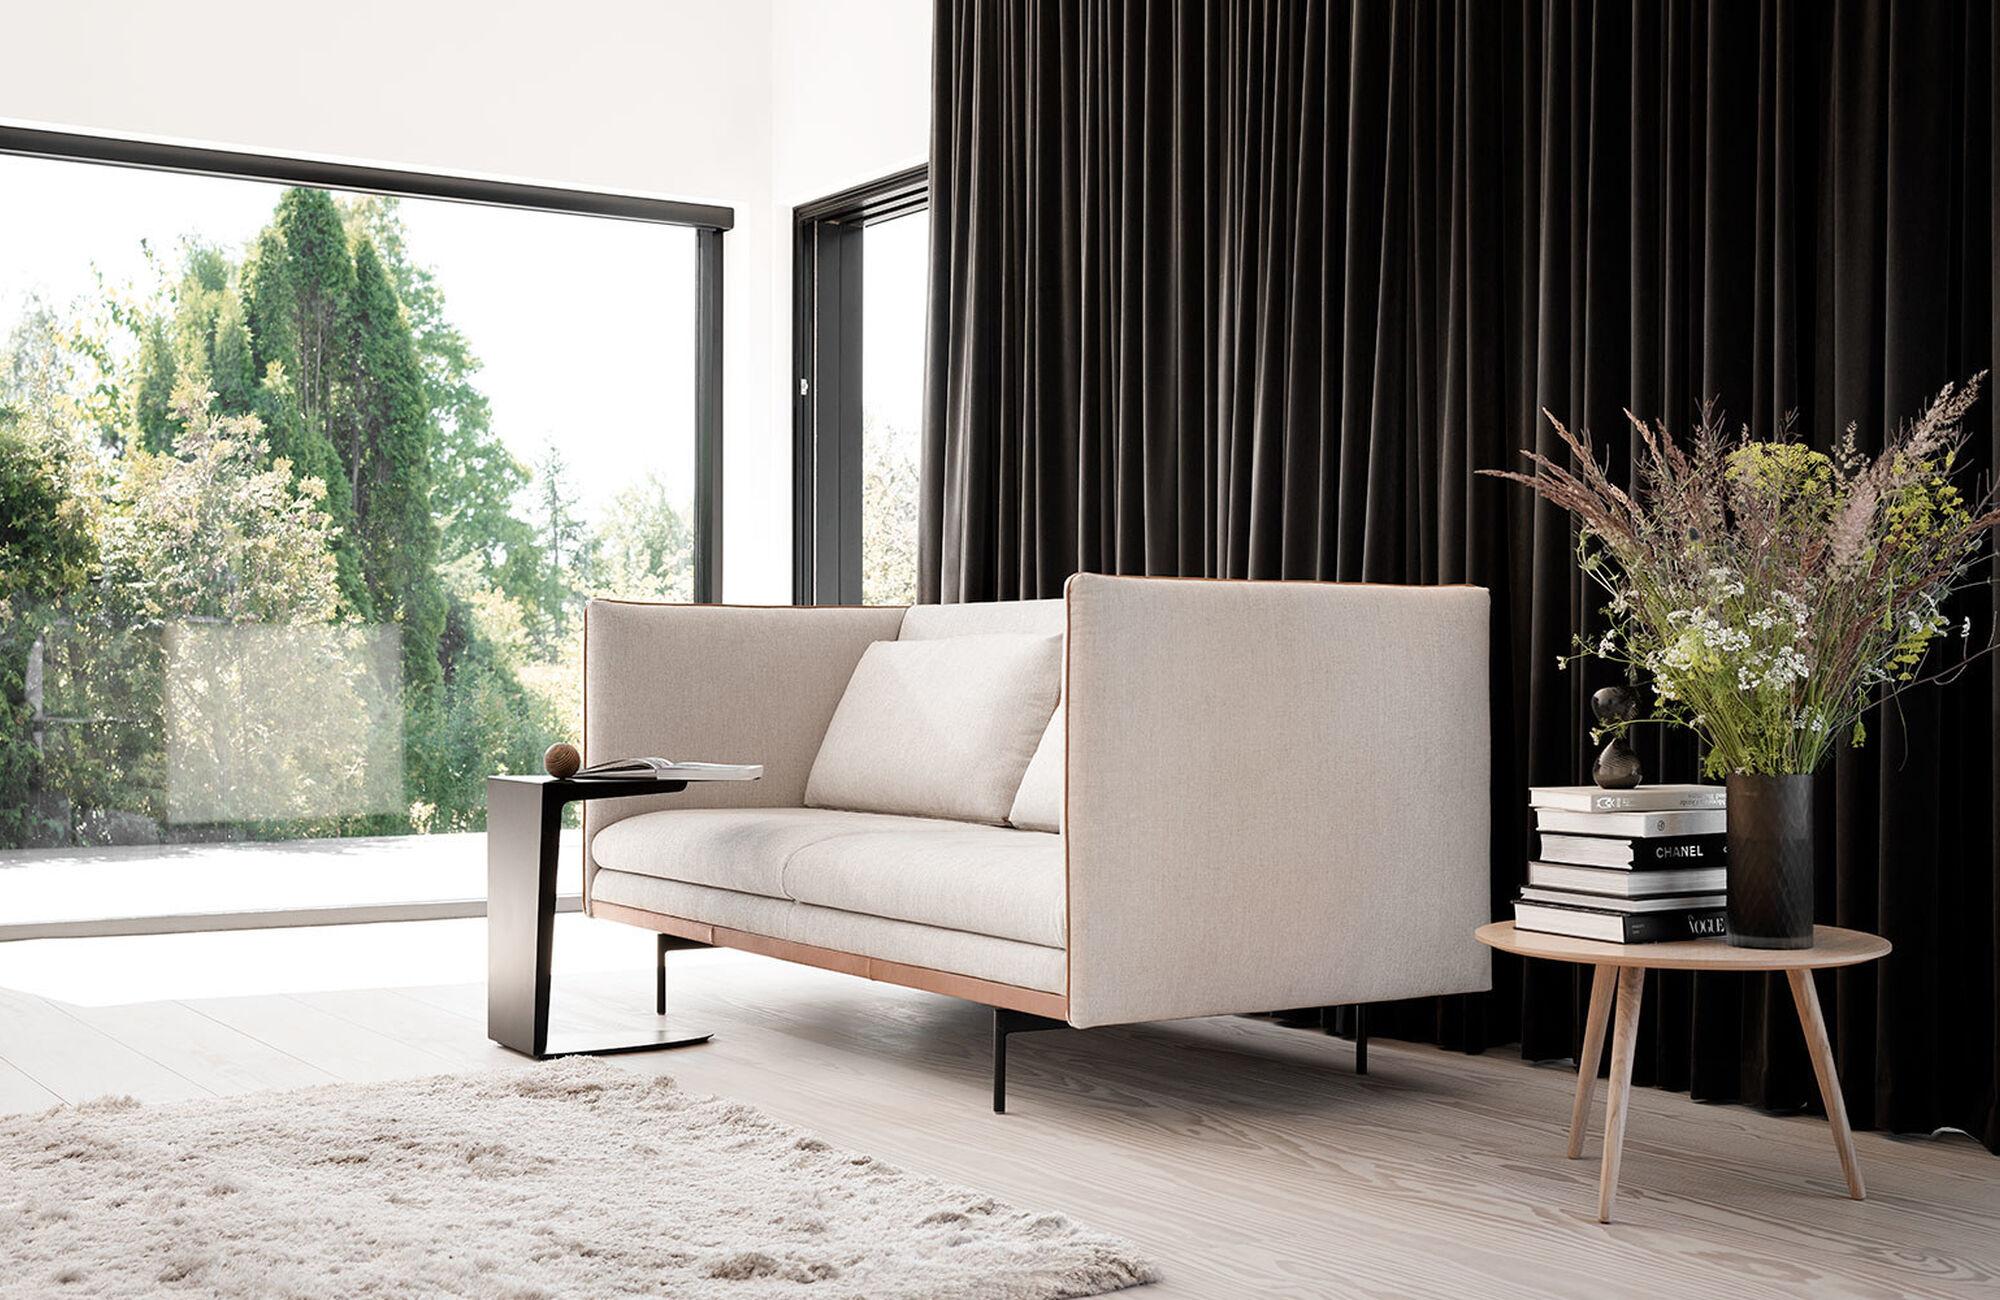 2 seater sofas - Nantes sofa